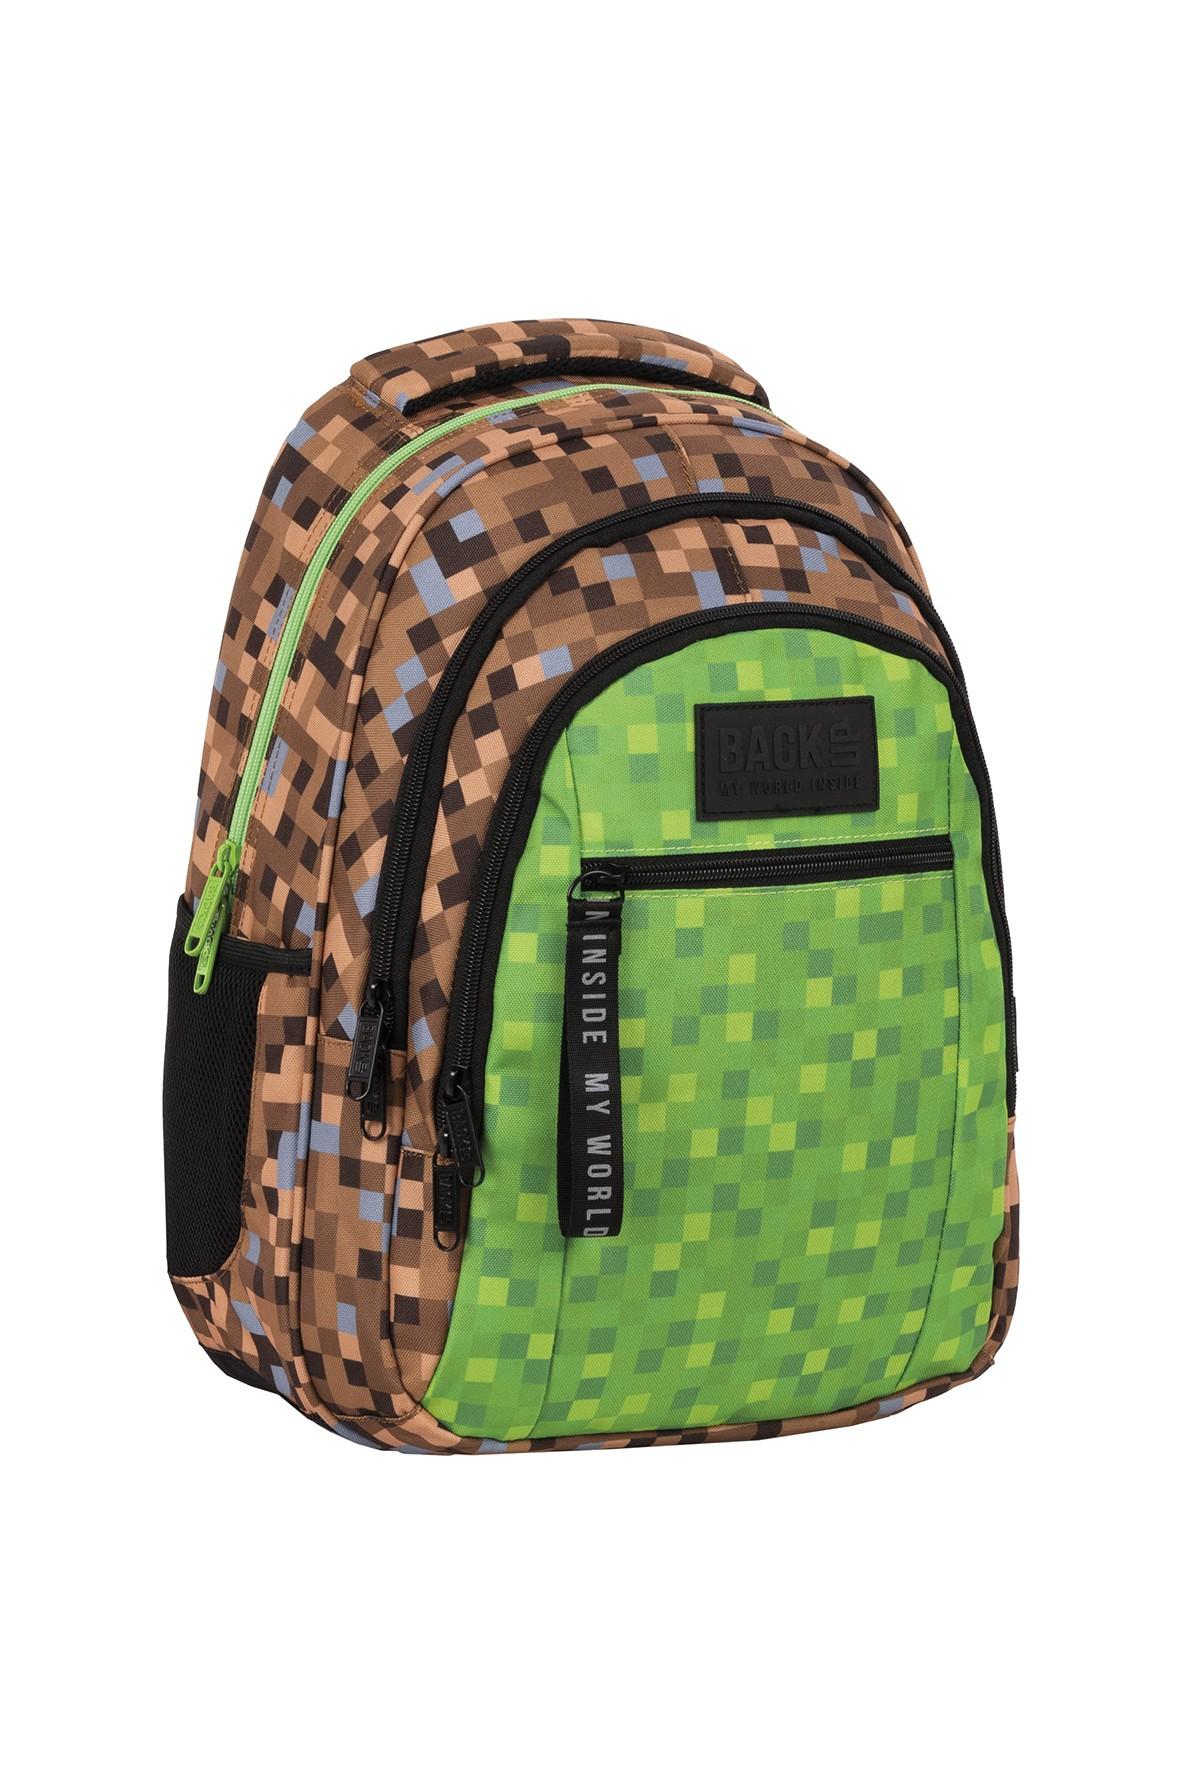 Plecak BackUp chłopięcy zielono-brązowy game